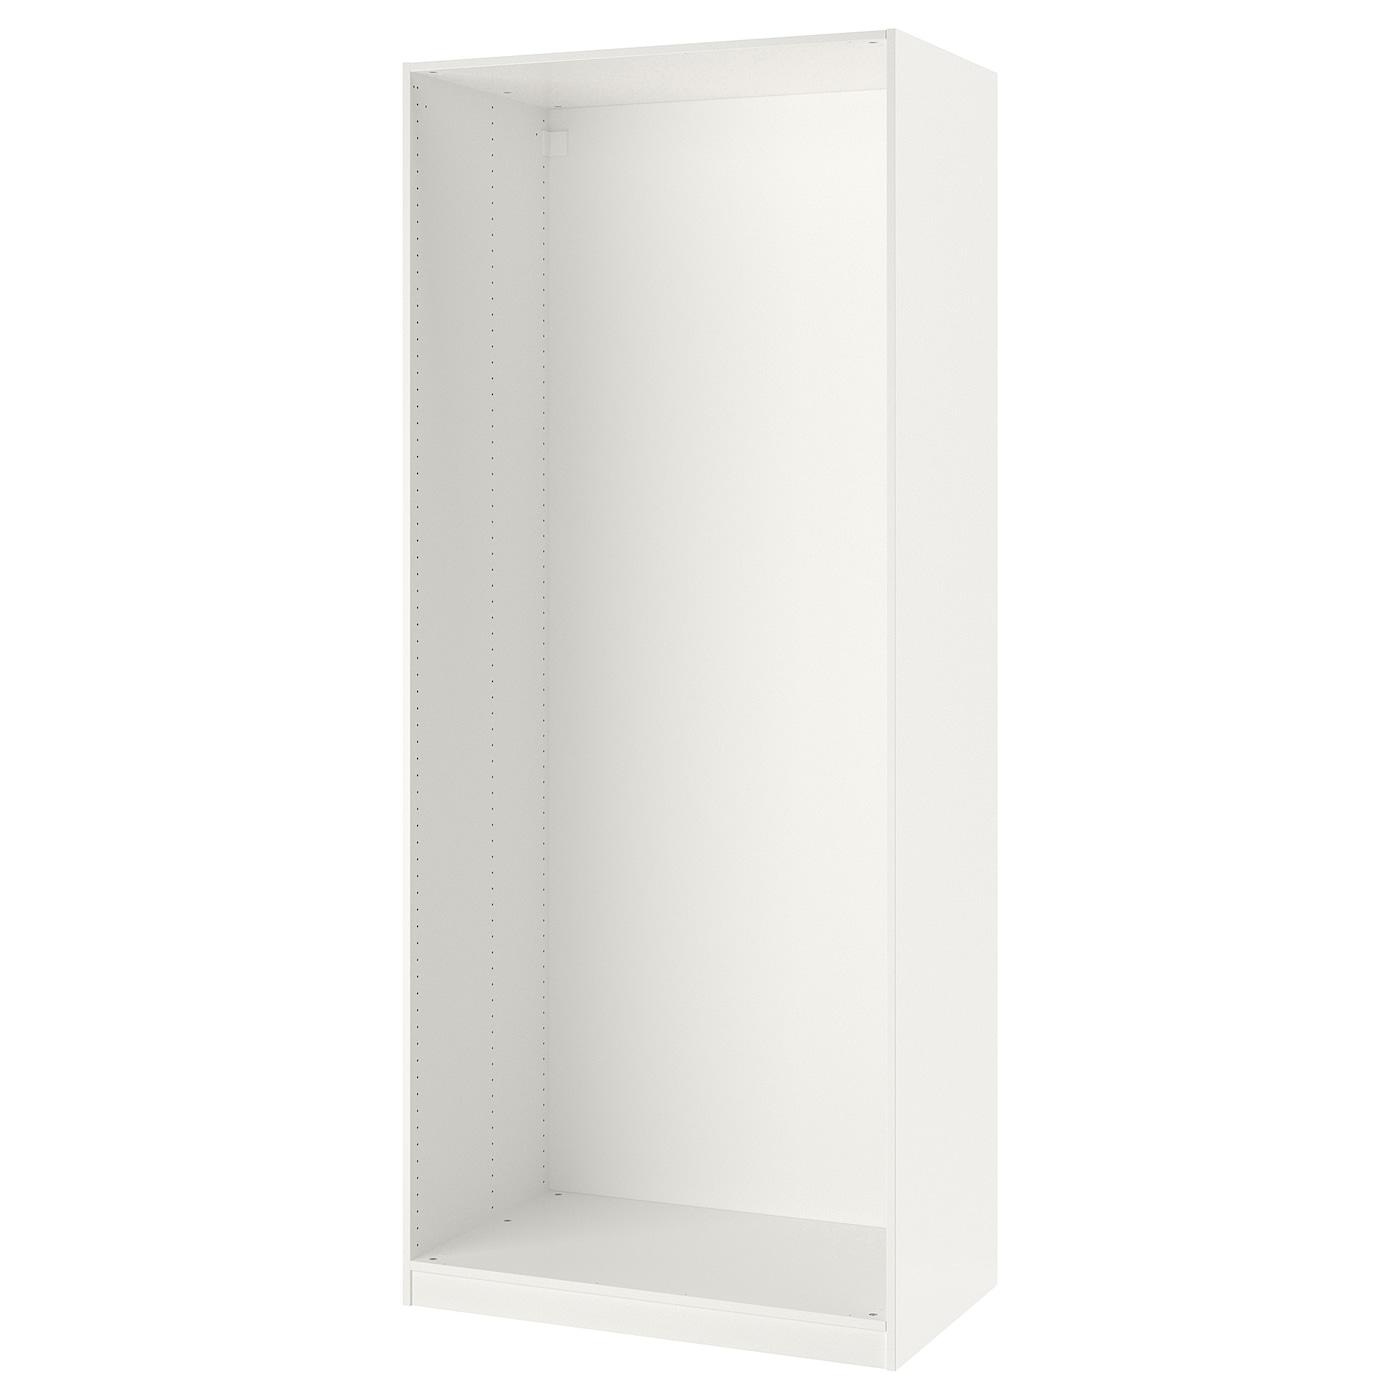 Pax Wardrobe Frame White 39 3 8x22 7 8x92 7 8 Ikea